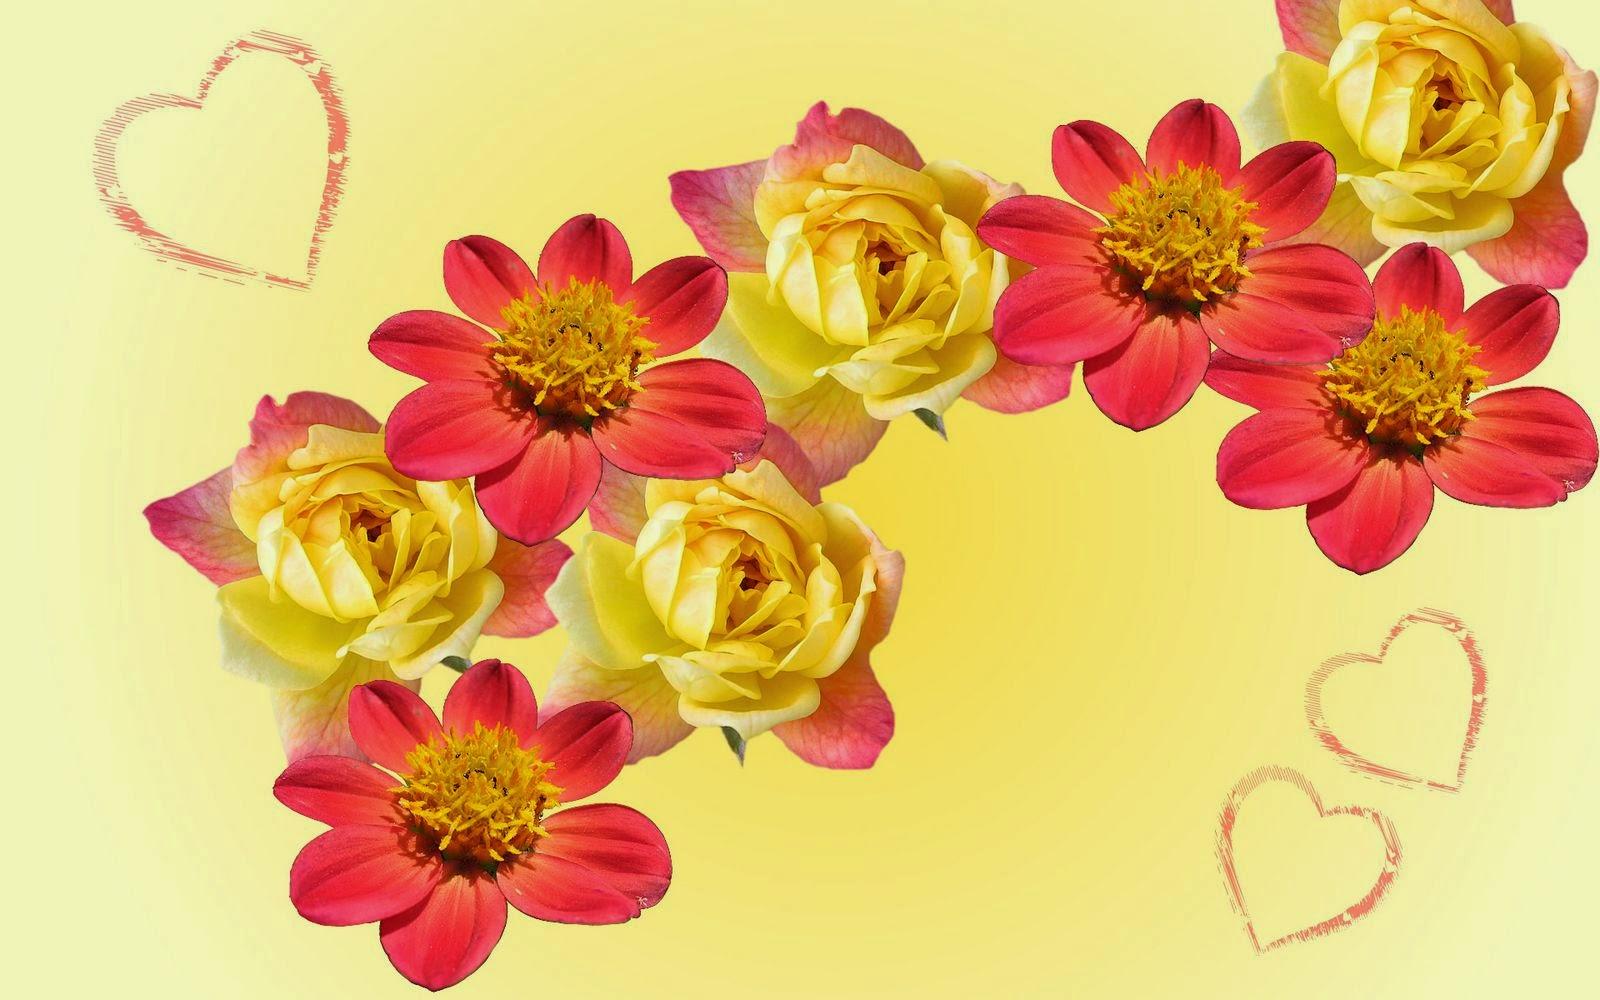 flower-power-wallpaper-giallo